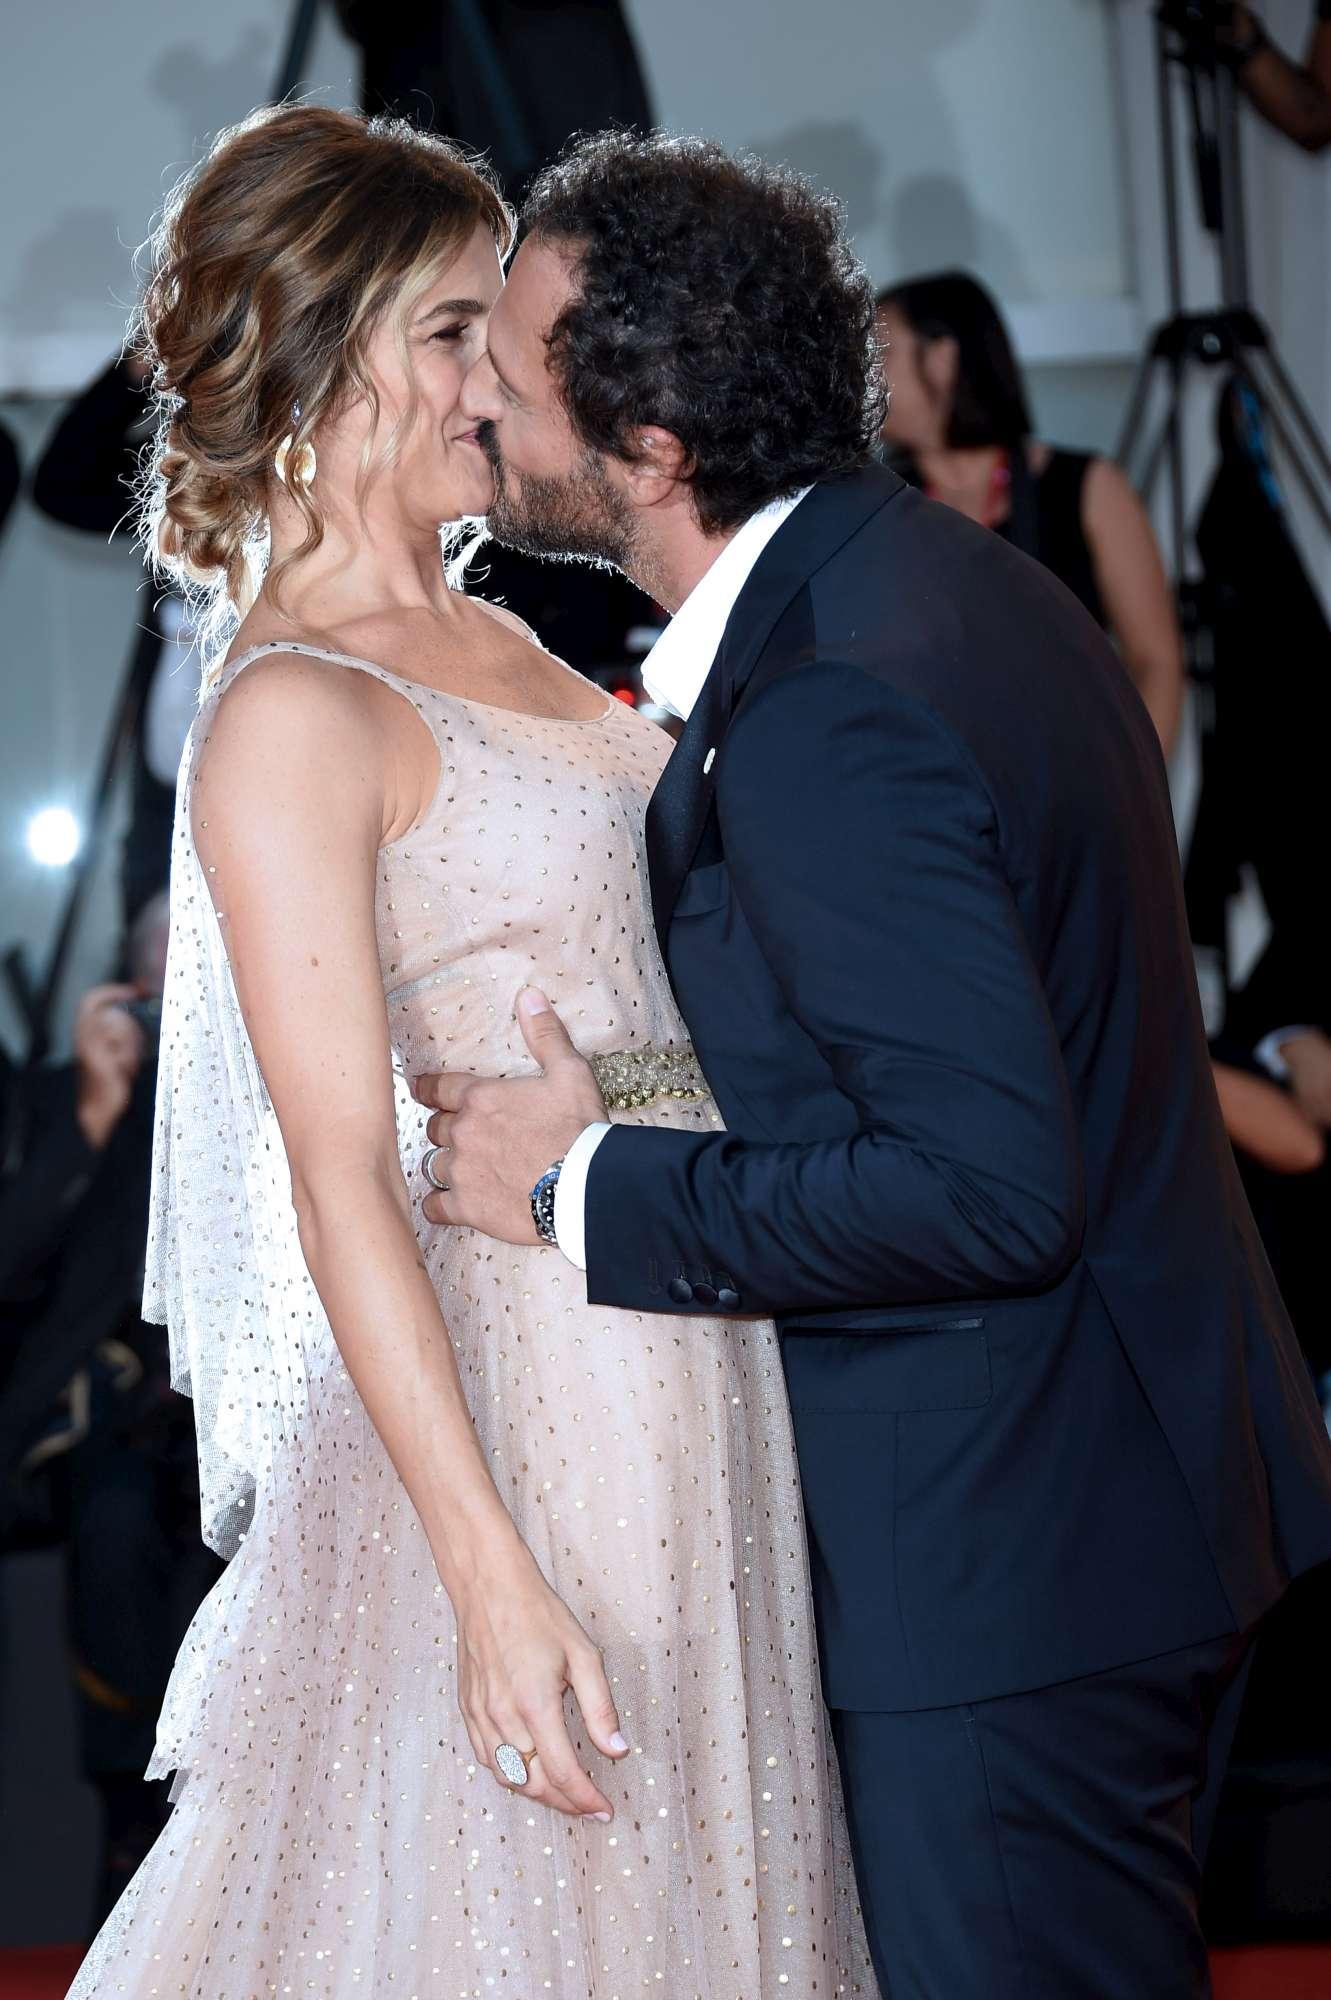 Eleonora Pedron e Fabio Troiano al debutto sul red carpet